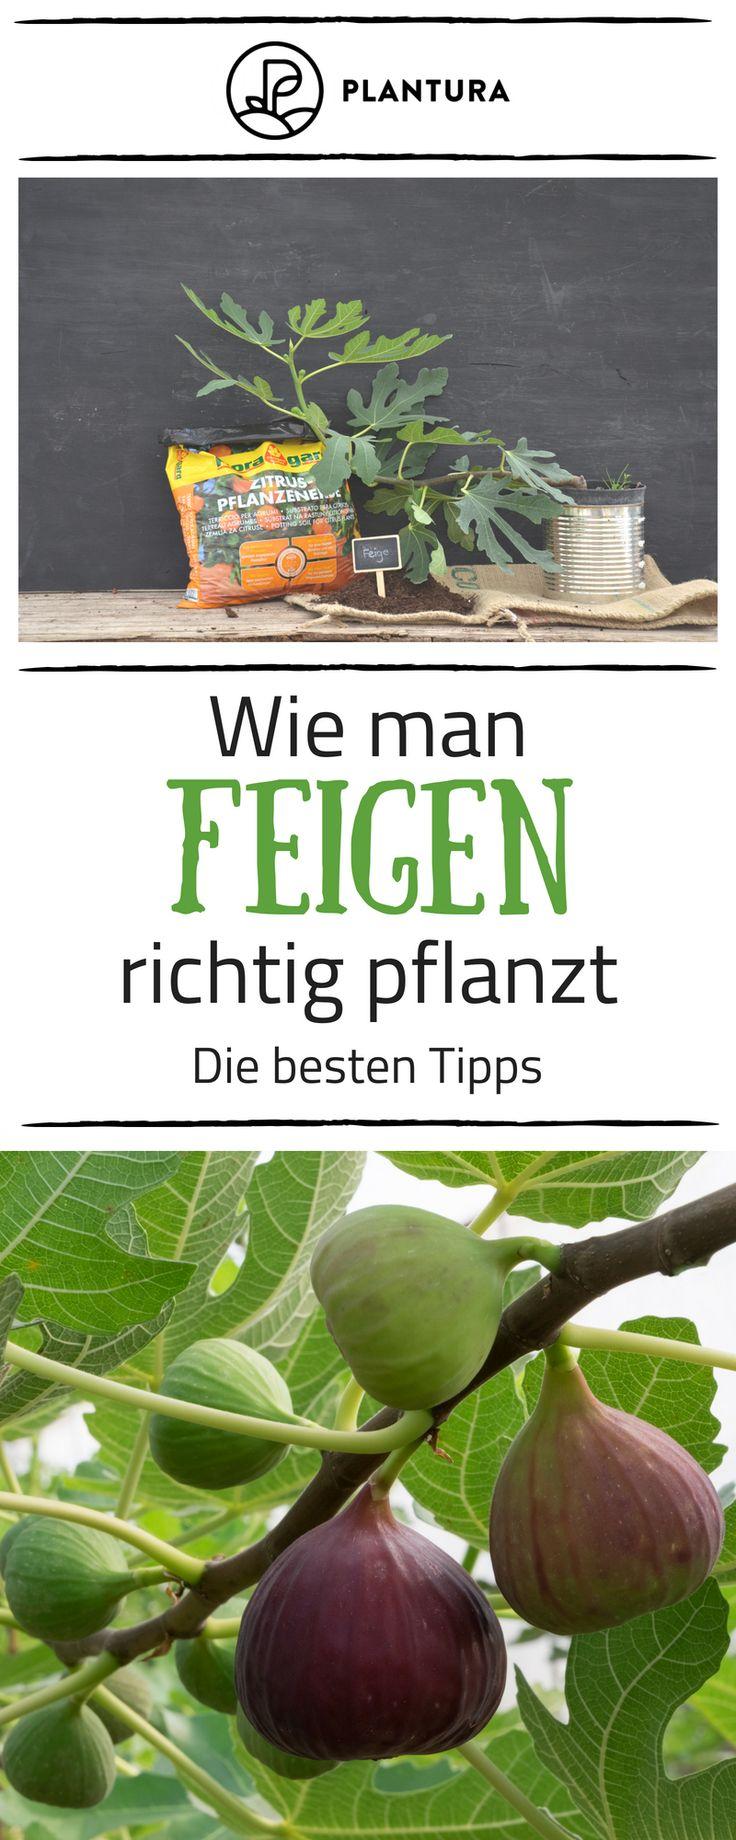 Feigenbaum: Experten-Tipps vom Kaufen bis zum Pflegen – Plantura | Garten Ideen & Tipps | Gemüse, Obst, Kräuter